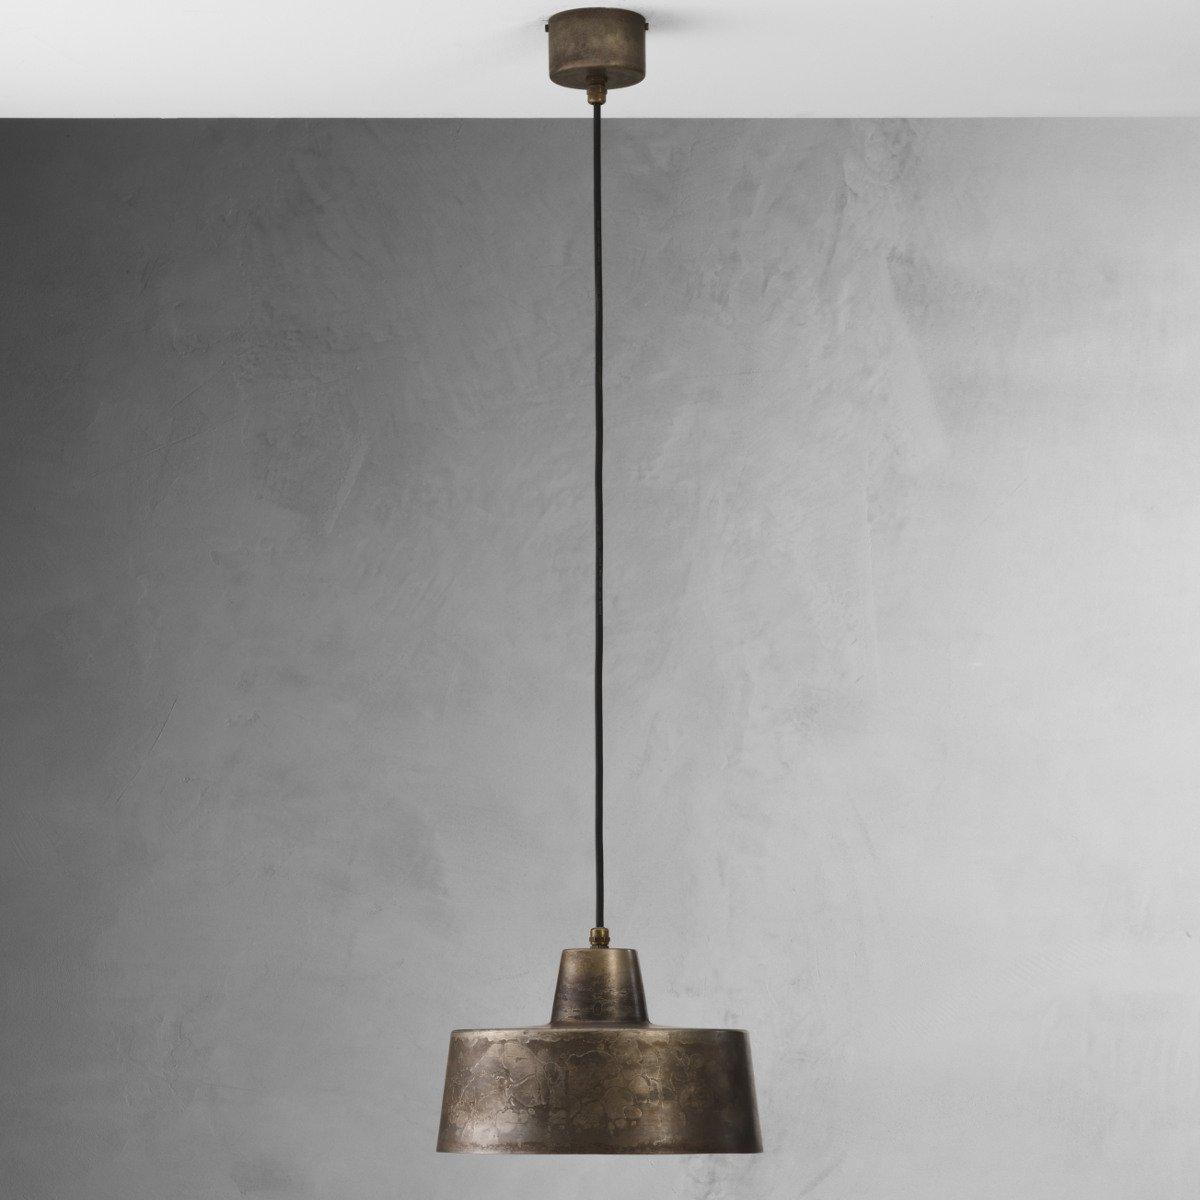 zeitlos sch ne pendelleuchte mit hohem schirm im industriestil. Black Bedroom Furniture Sets. Home Design Ideas